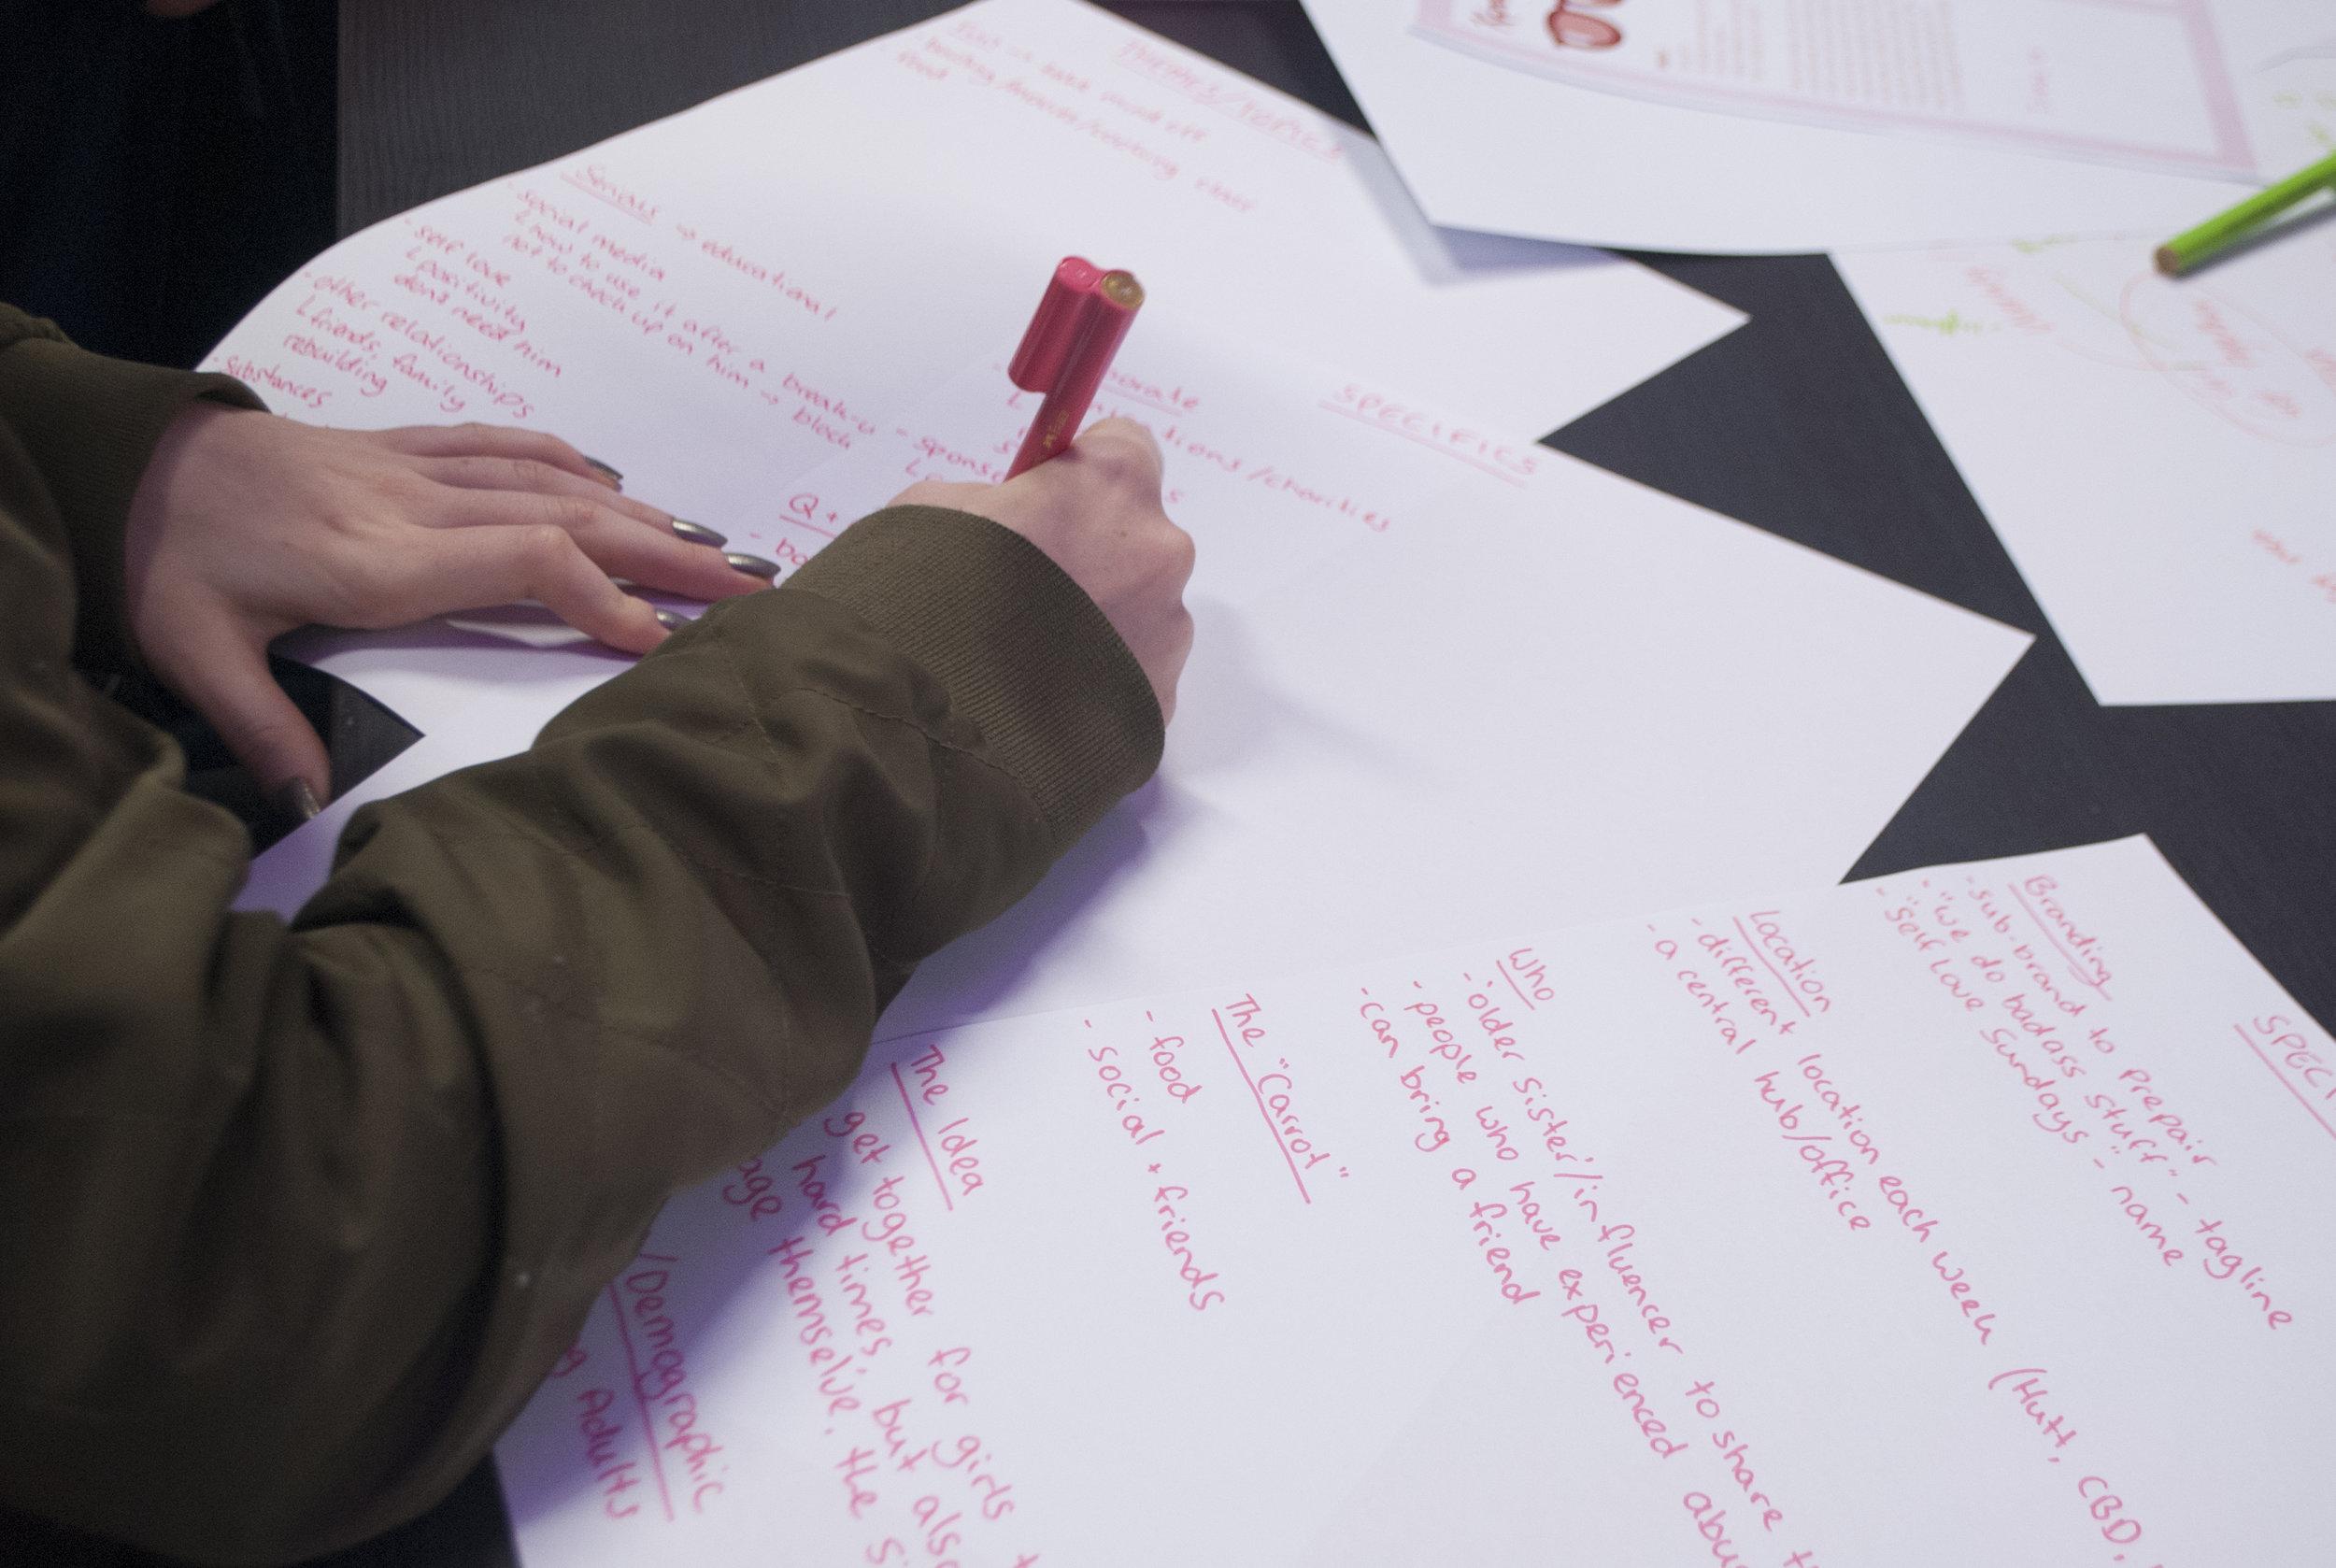 PrepairNZ - Co-Design Workshop - WORKSHOP DESIGN & FACILITATION